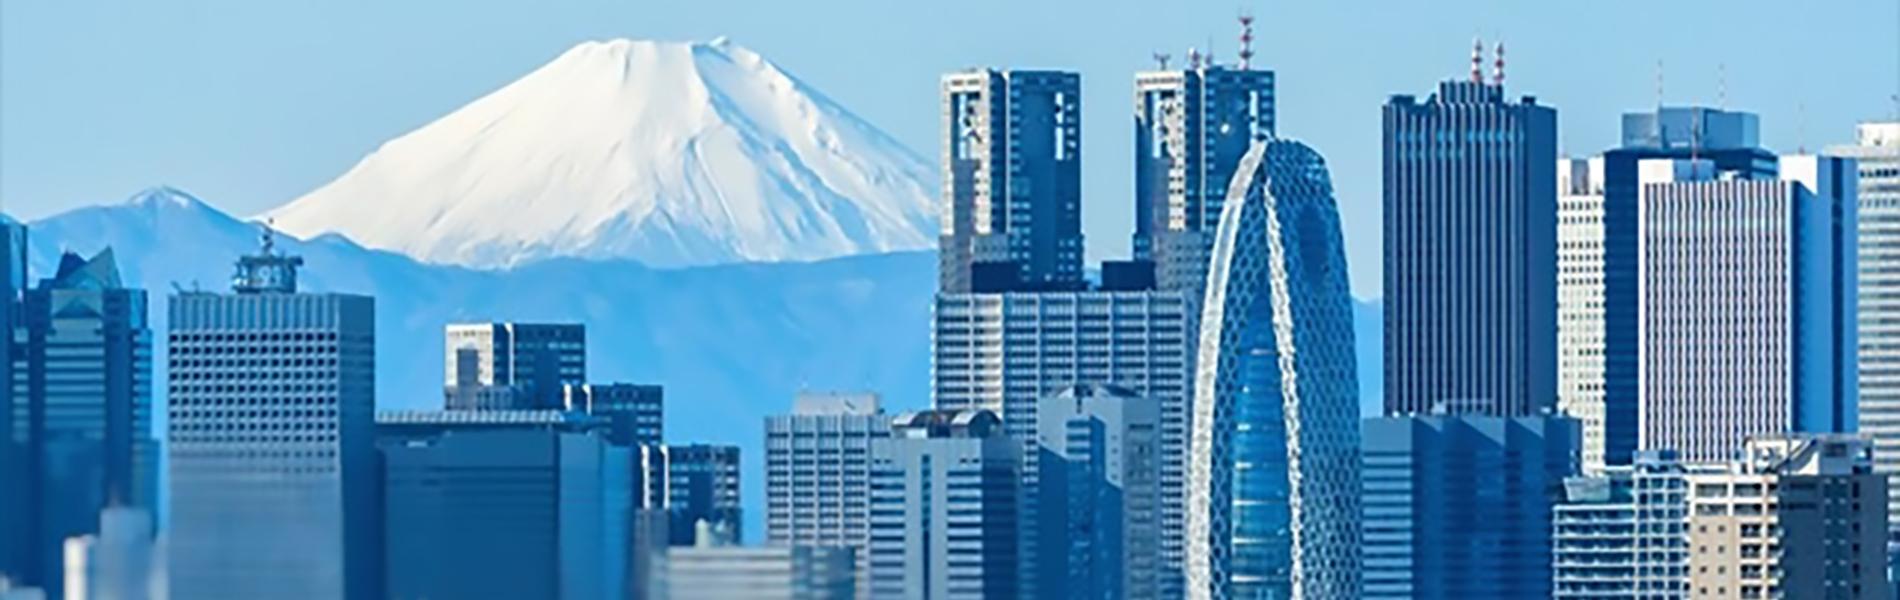 富士山と新宿のビル群